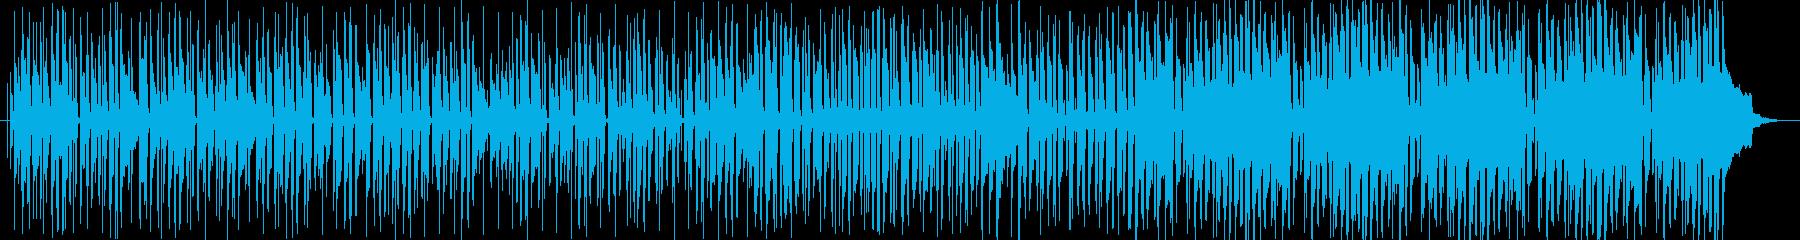 美しい琴のメロディが印象的な和風BGM。の再生済みの波形